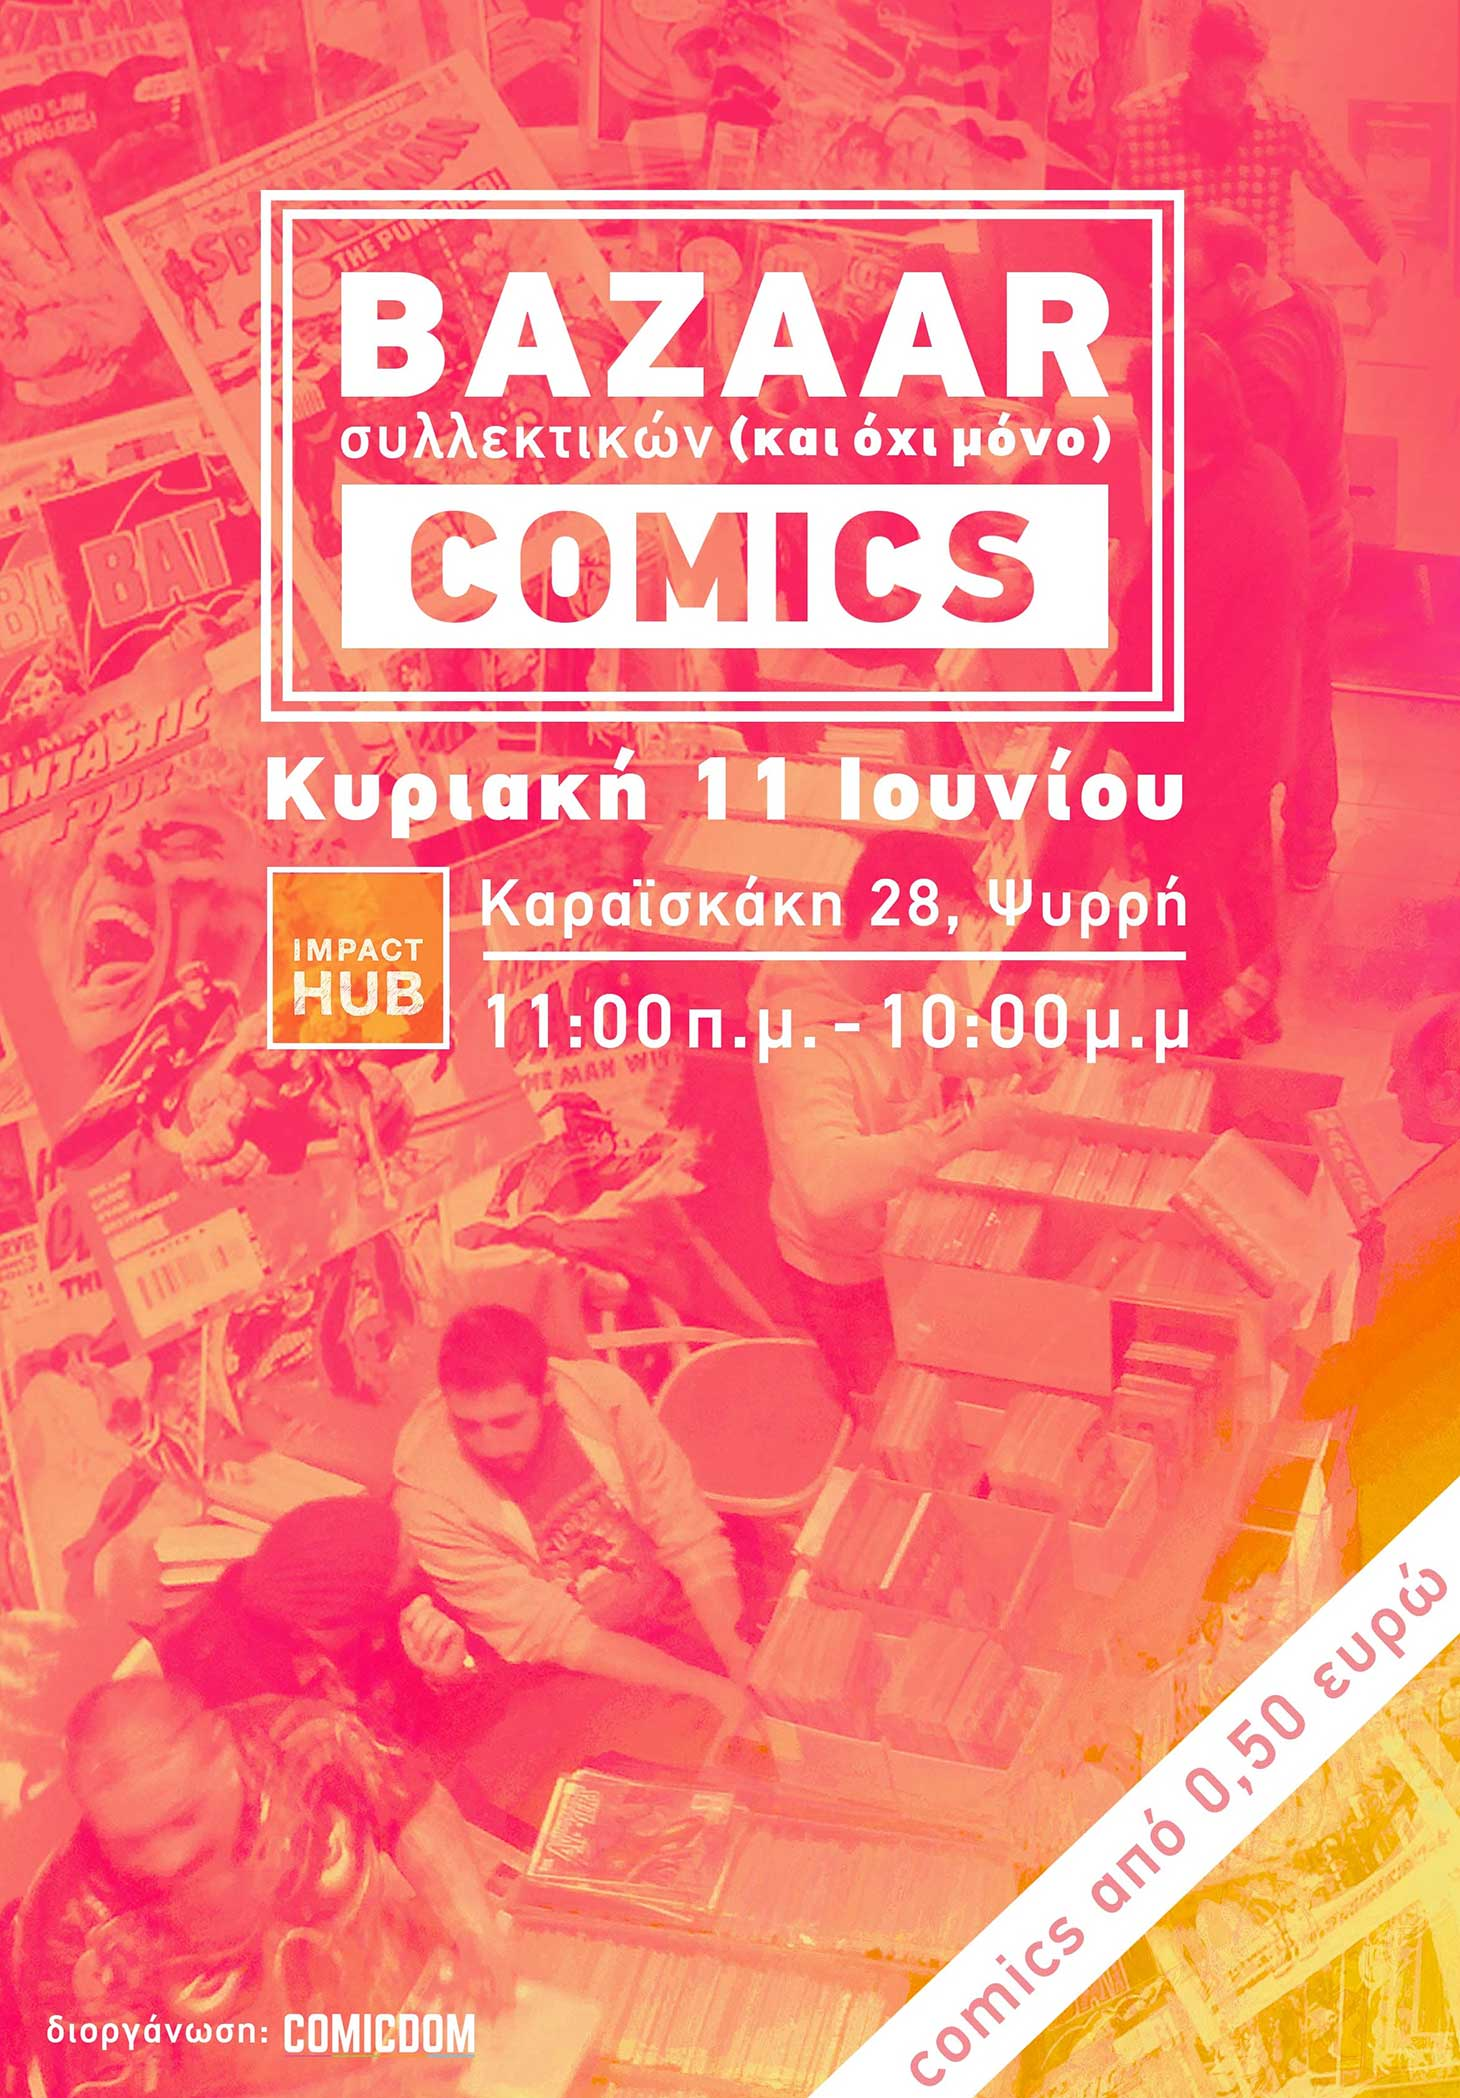 Comicdom Bazaar Summer 2017